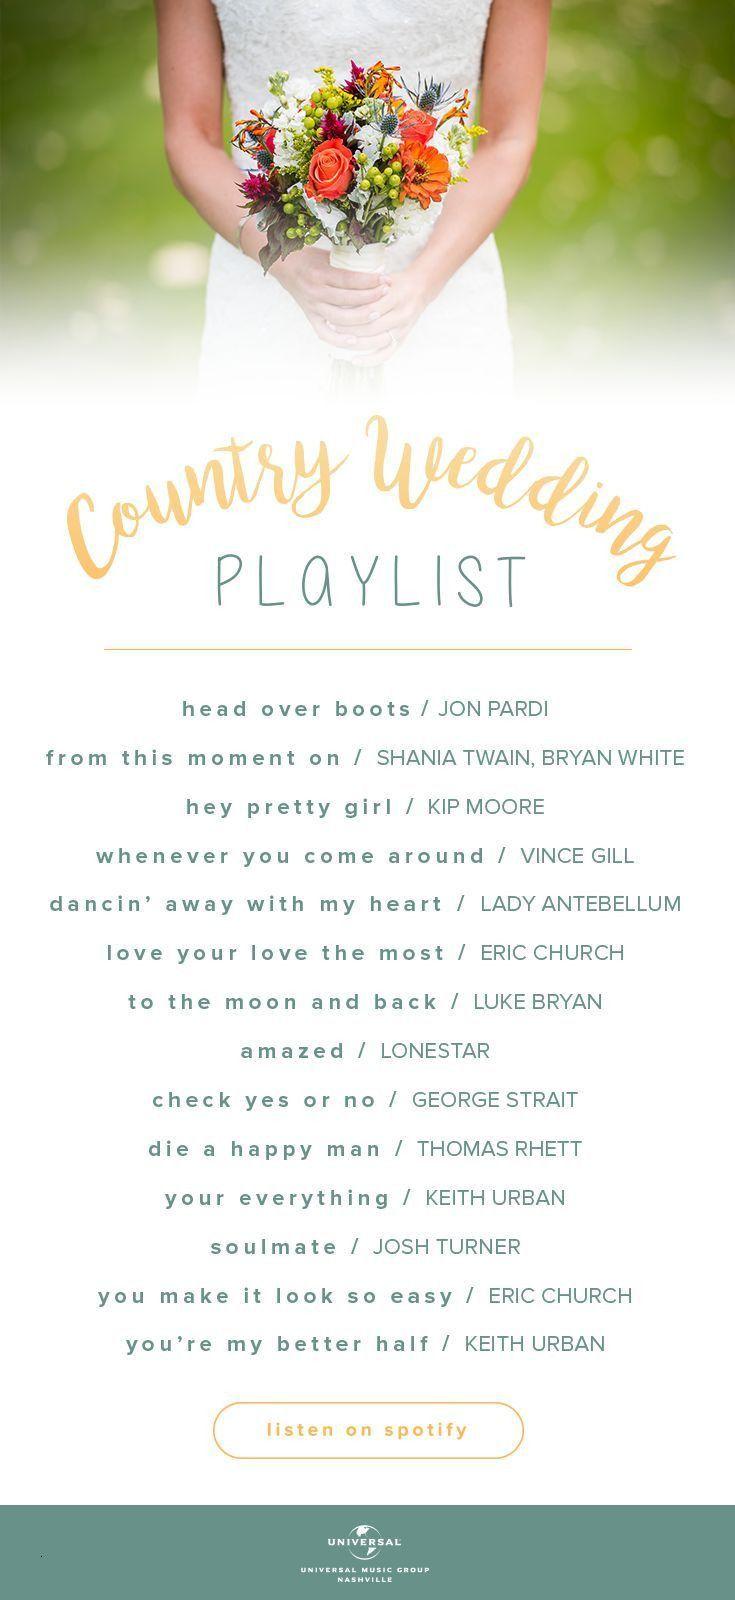 Kirchenlieder Hochzeit New 35 Tolle Lieder Kirchliche Trauung Meinung Elegant Country Wedding Songs Wedding Songs Wedding Playlist